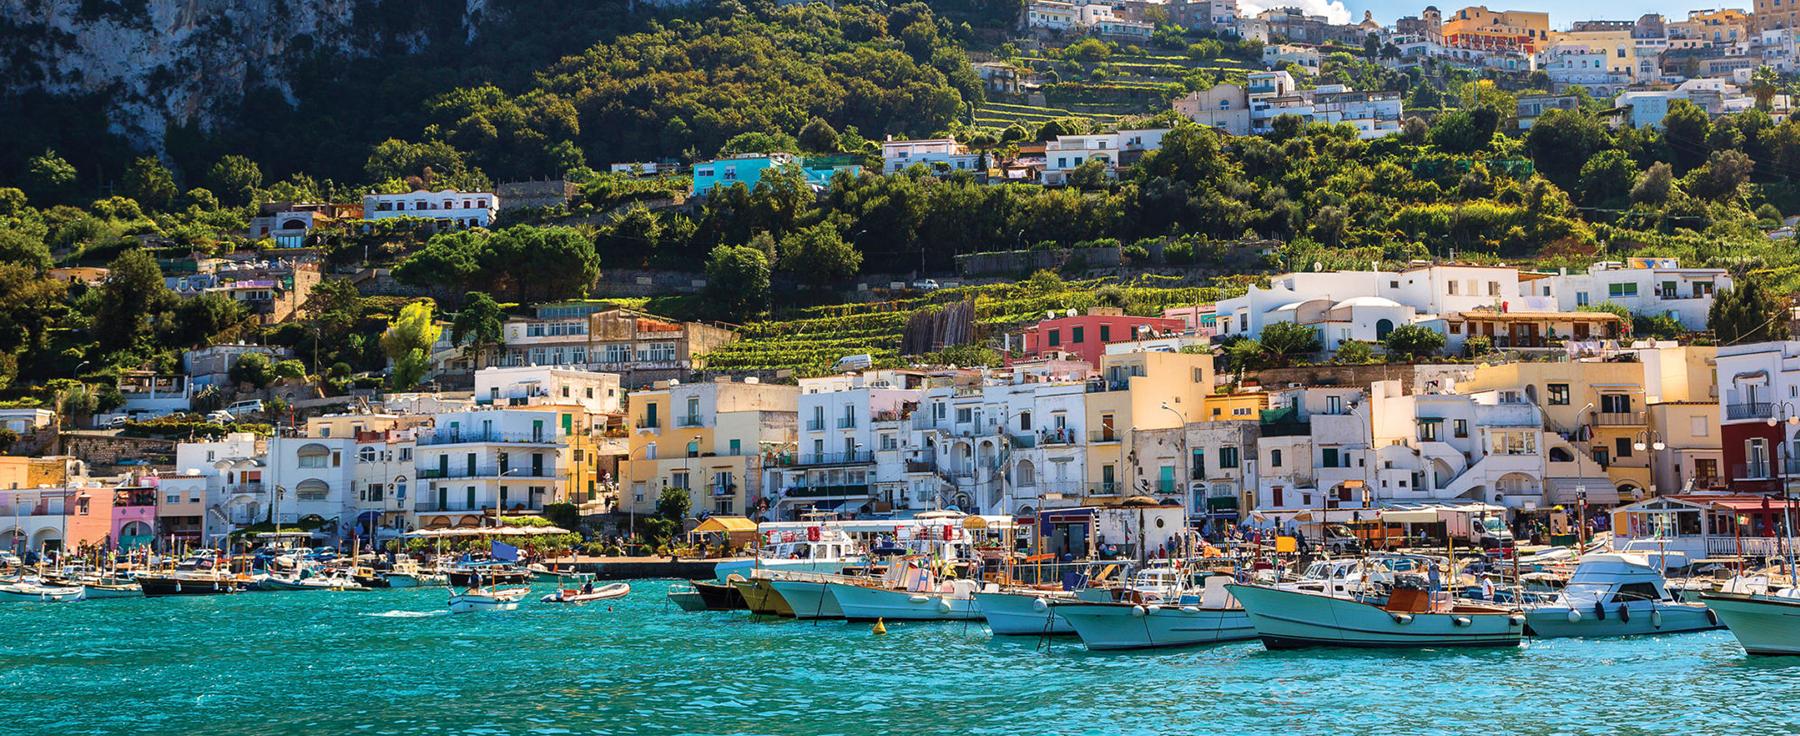 PARA SE APAIXONAR: SUL DA ITÁLIA